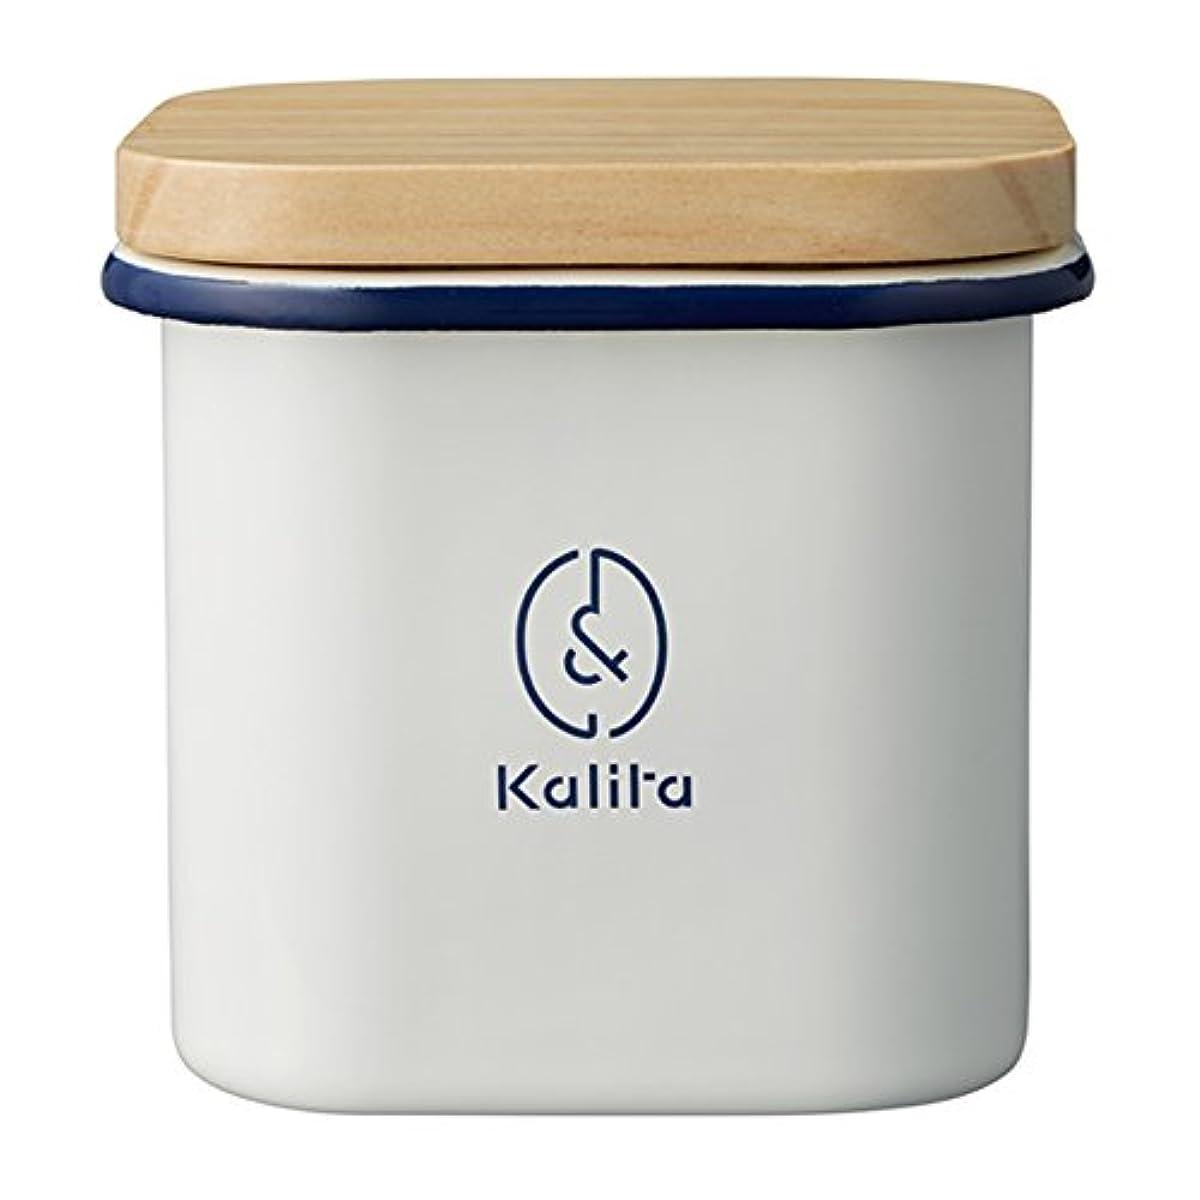 Kalita(칼리타) &칼리타 canister 법랑각형 44252-#44252